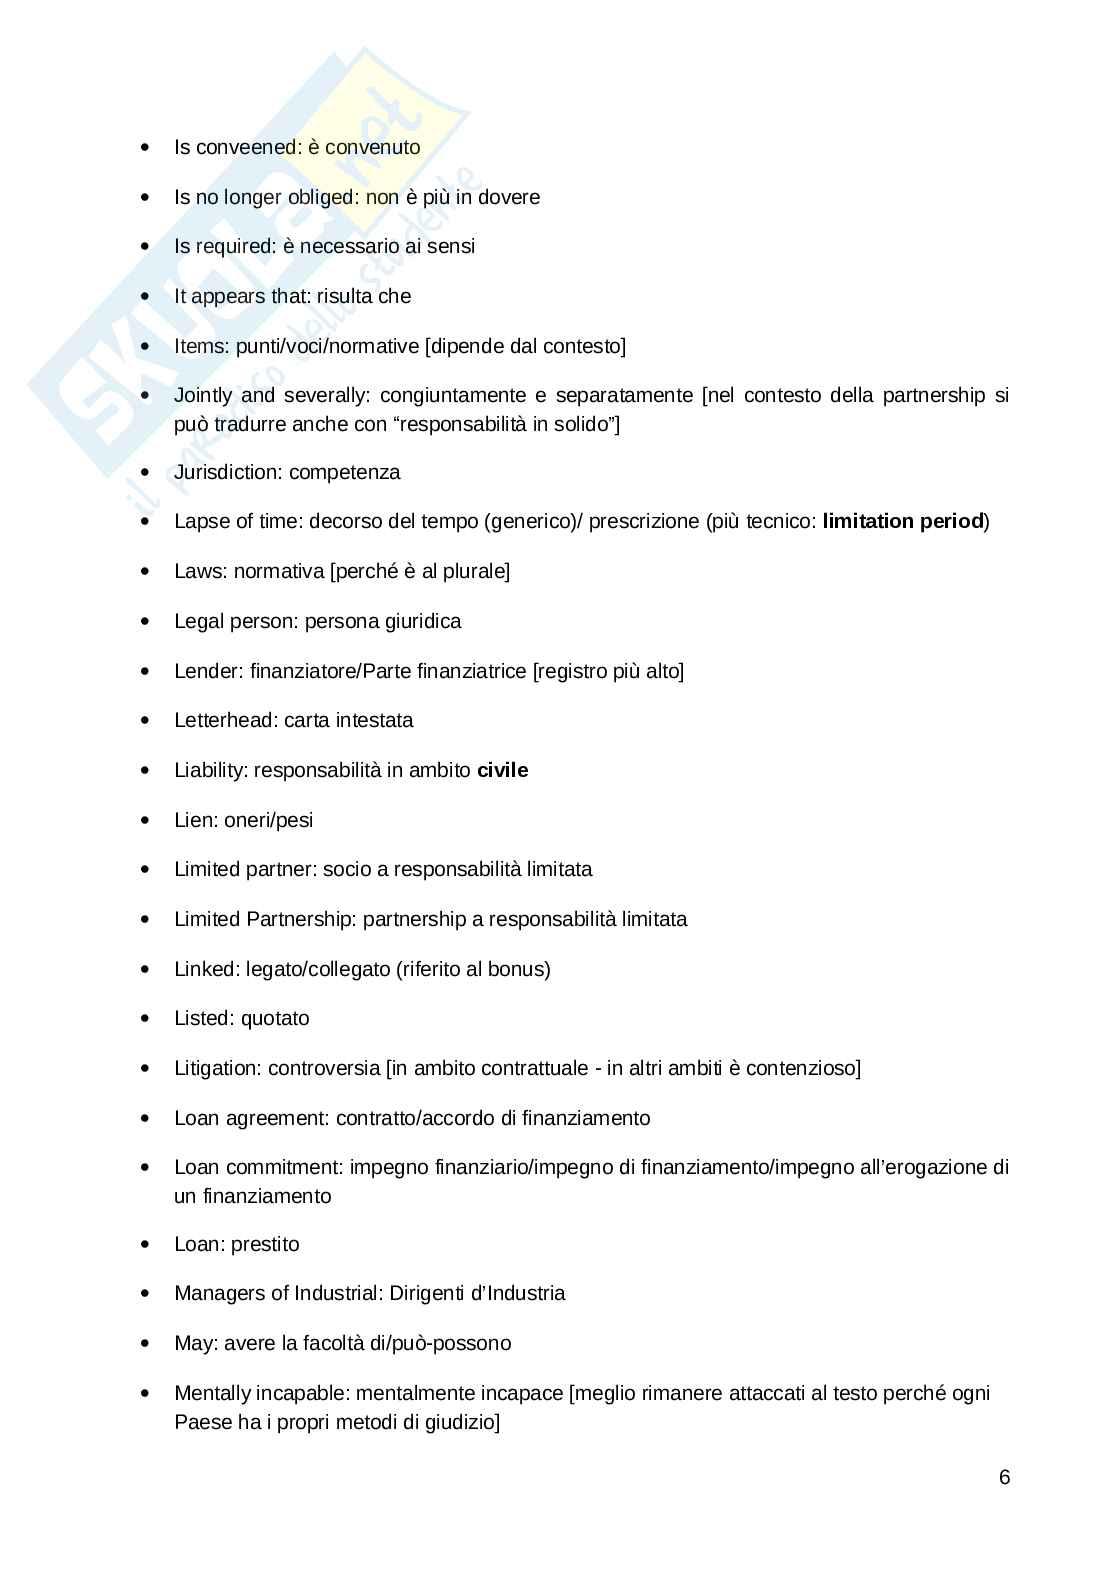 Glossario inglese modulo economico-giuridico Pag. 6